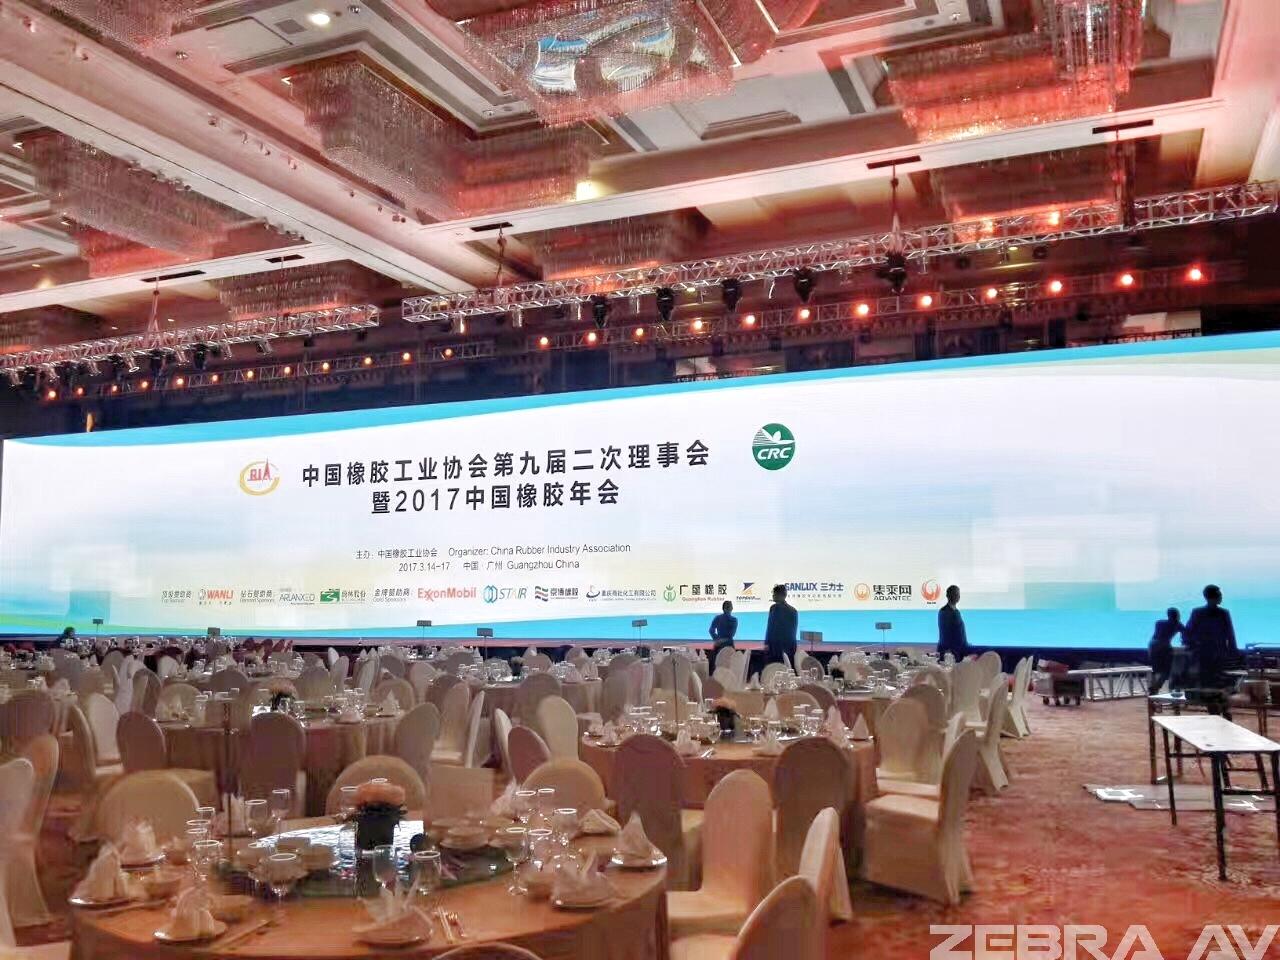 协会会议(278平米P3高清LED)